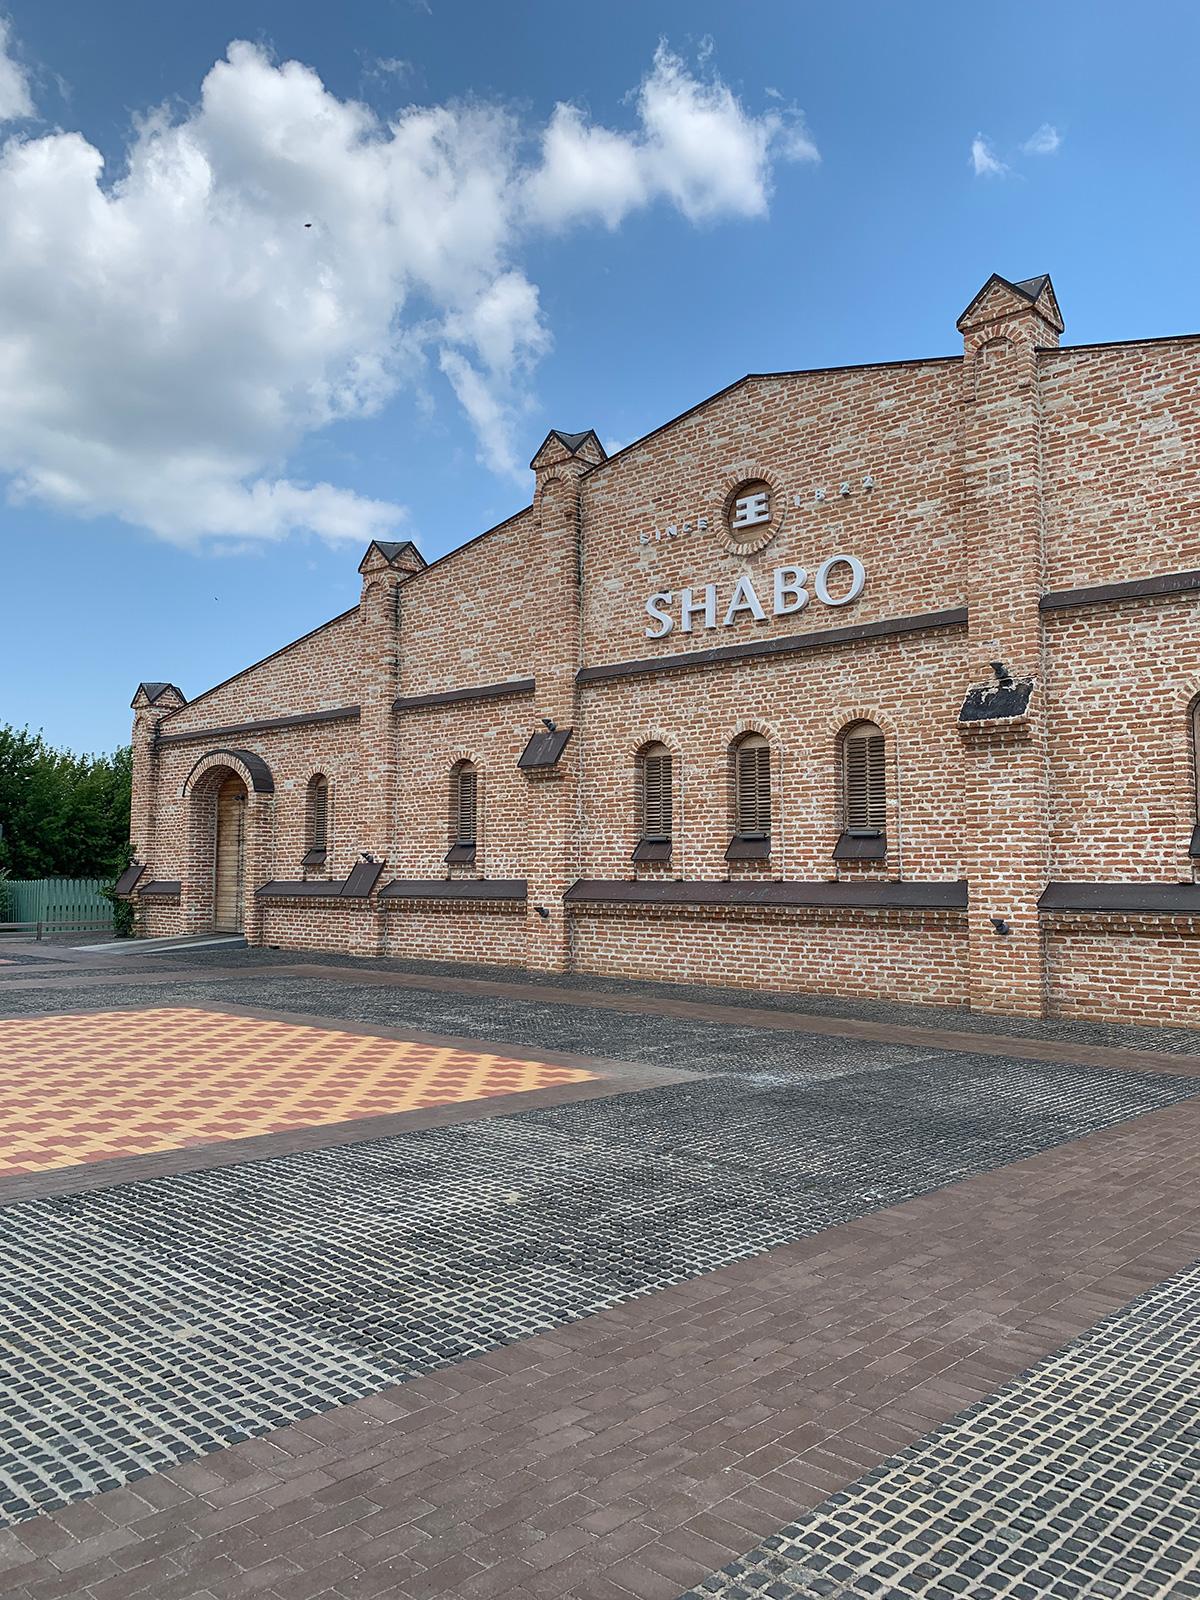 Рабочая поездка в Бессарабию: винодельня Shabo. Гастрономические туры Марии Каленской